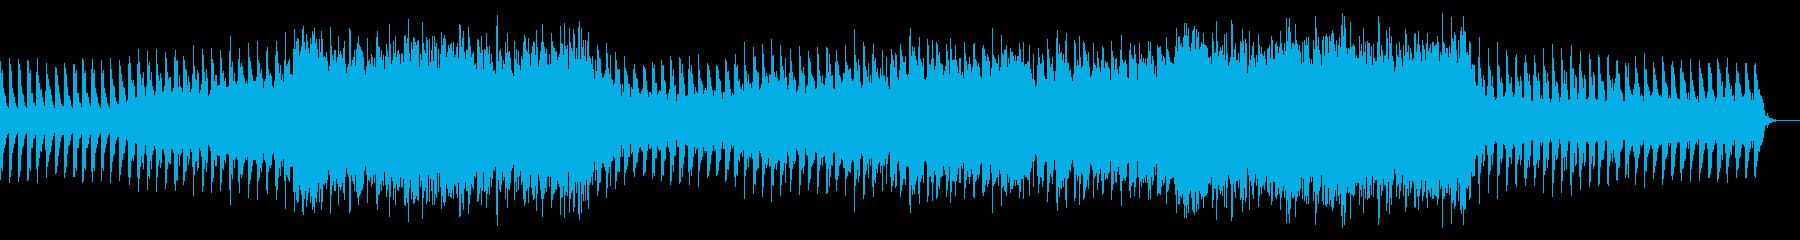 ラスボス戦闘時の荘厳で壮大な曲の再生済みの波形